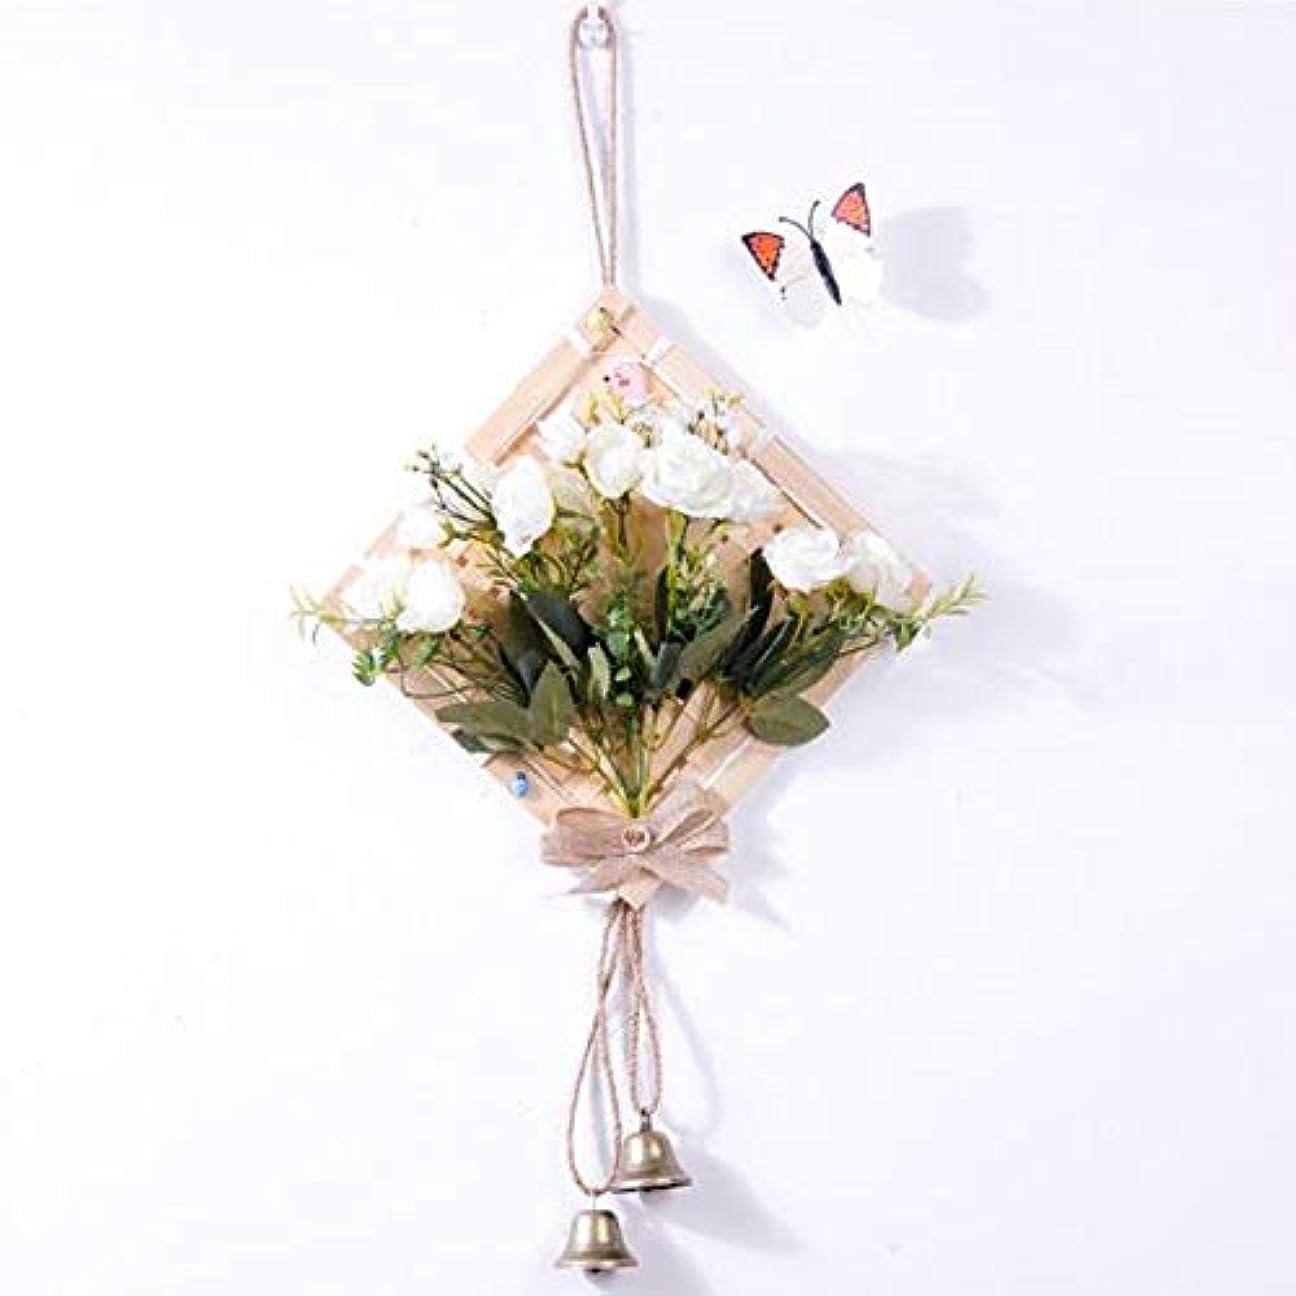 見落とす滅びるチャレンジHongyuantongxun 風チャイム、クリエイティブ?竹風チャイム、白、幅28.5cmくらい,、装飾品ペンダント (Color : White)